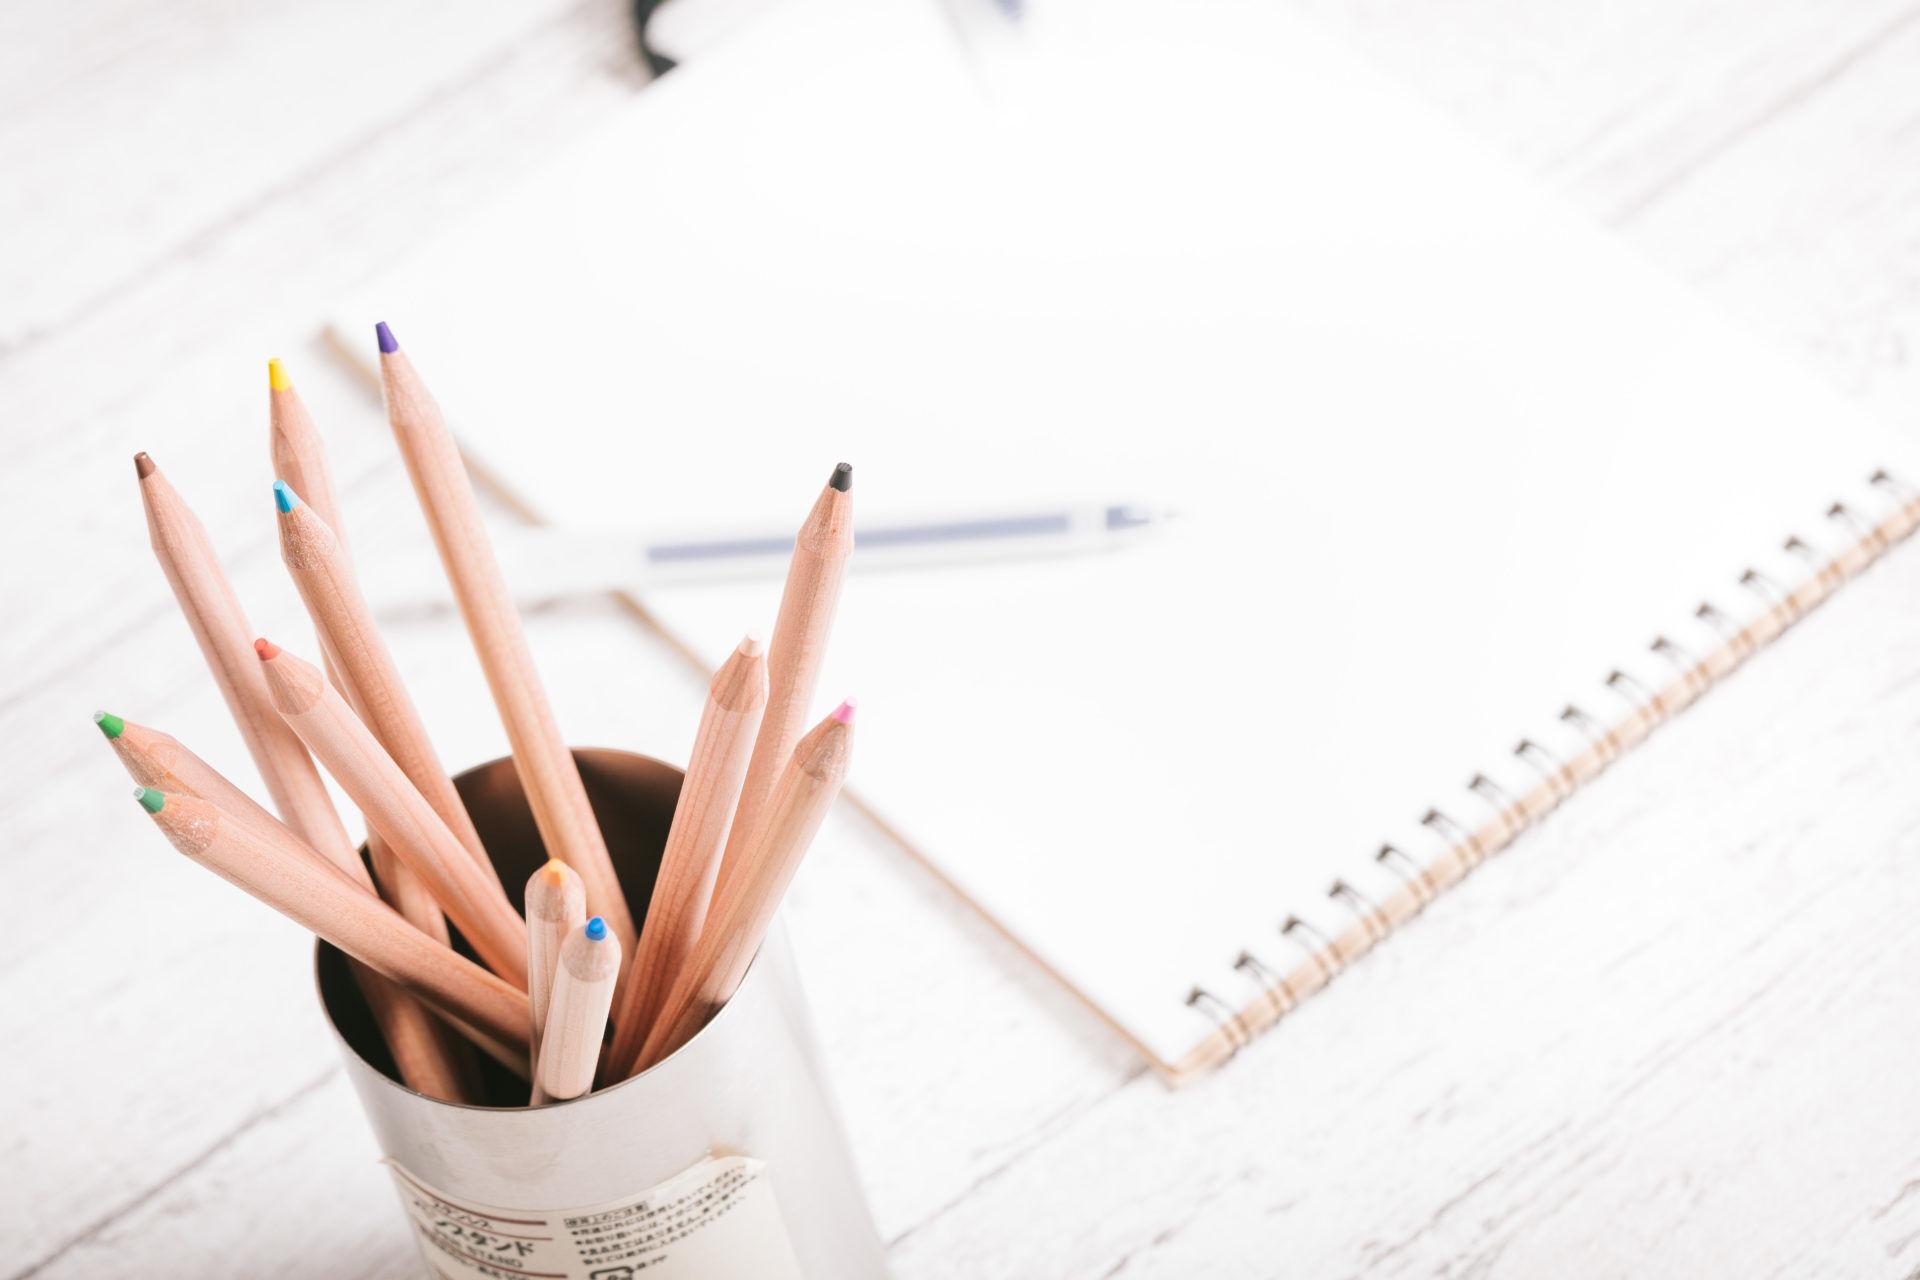 受験勉強用の筆記具とノート